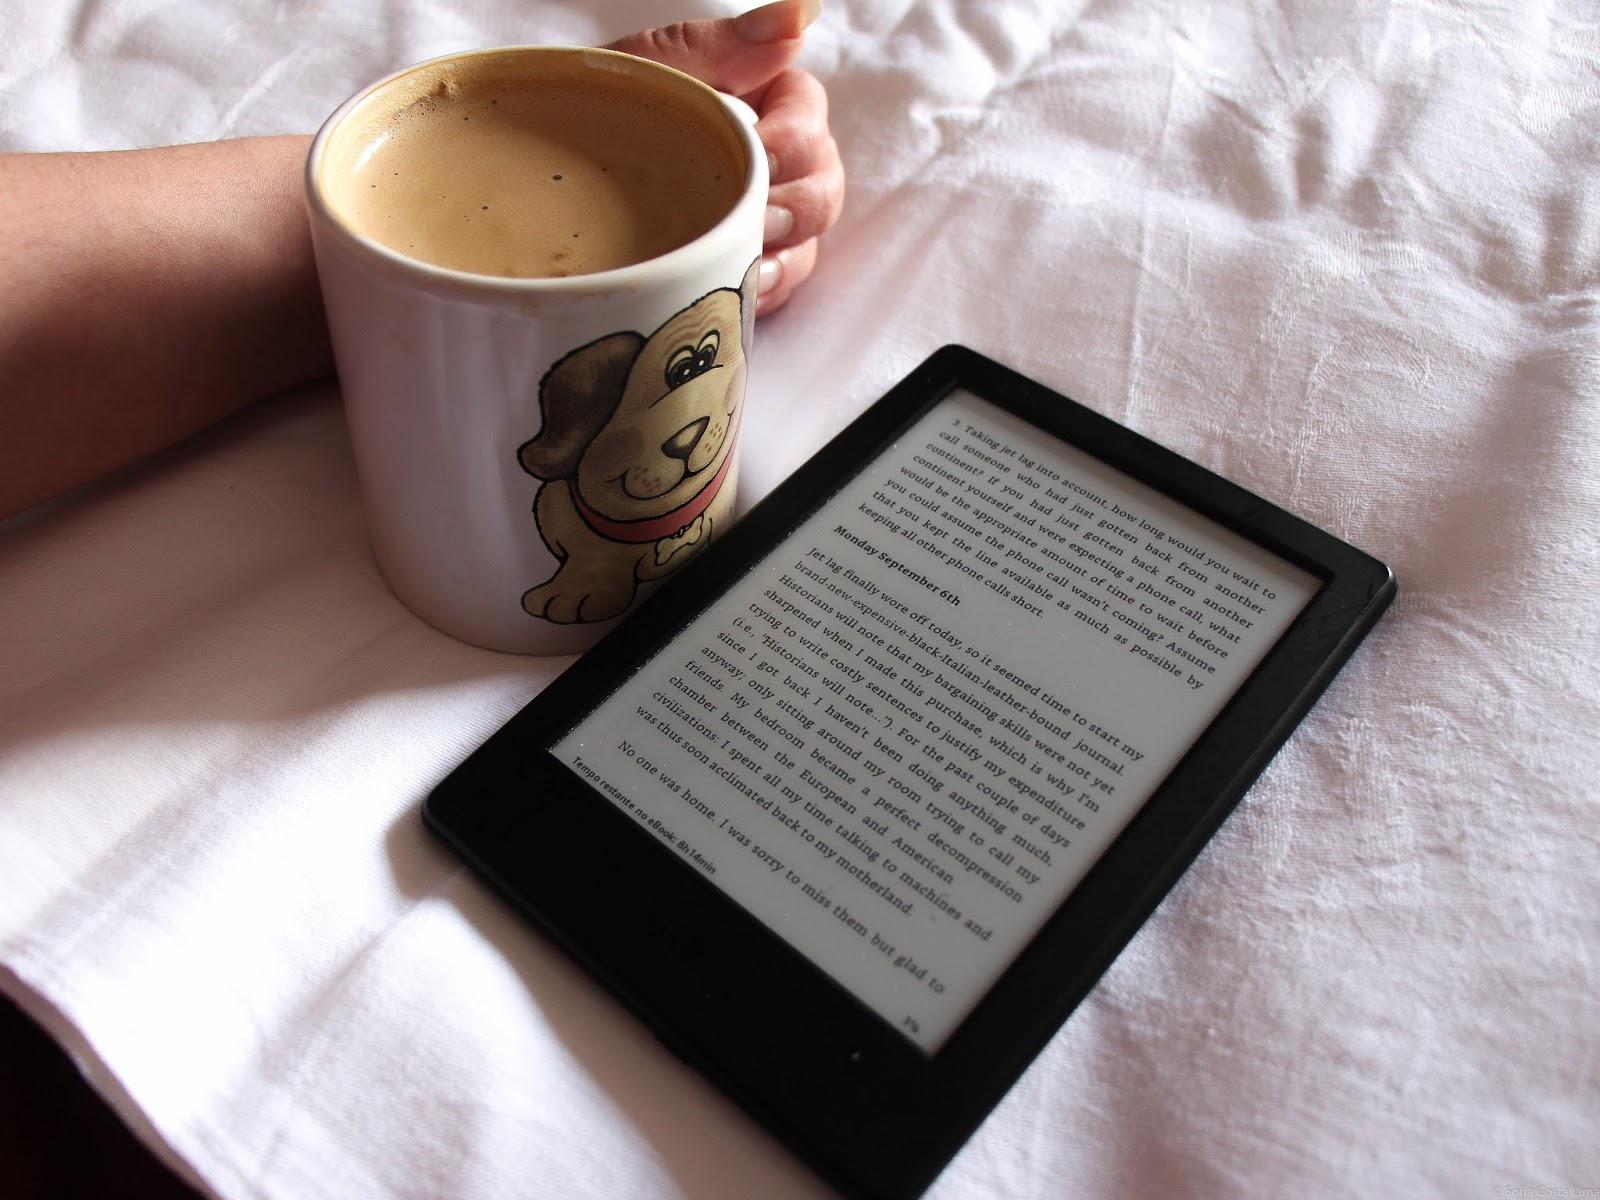 Hábitos de Leitura e o Kindle